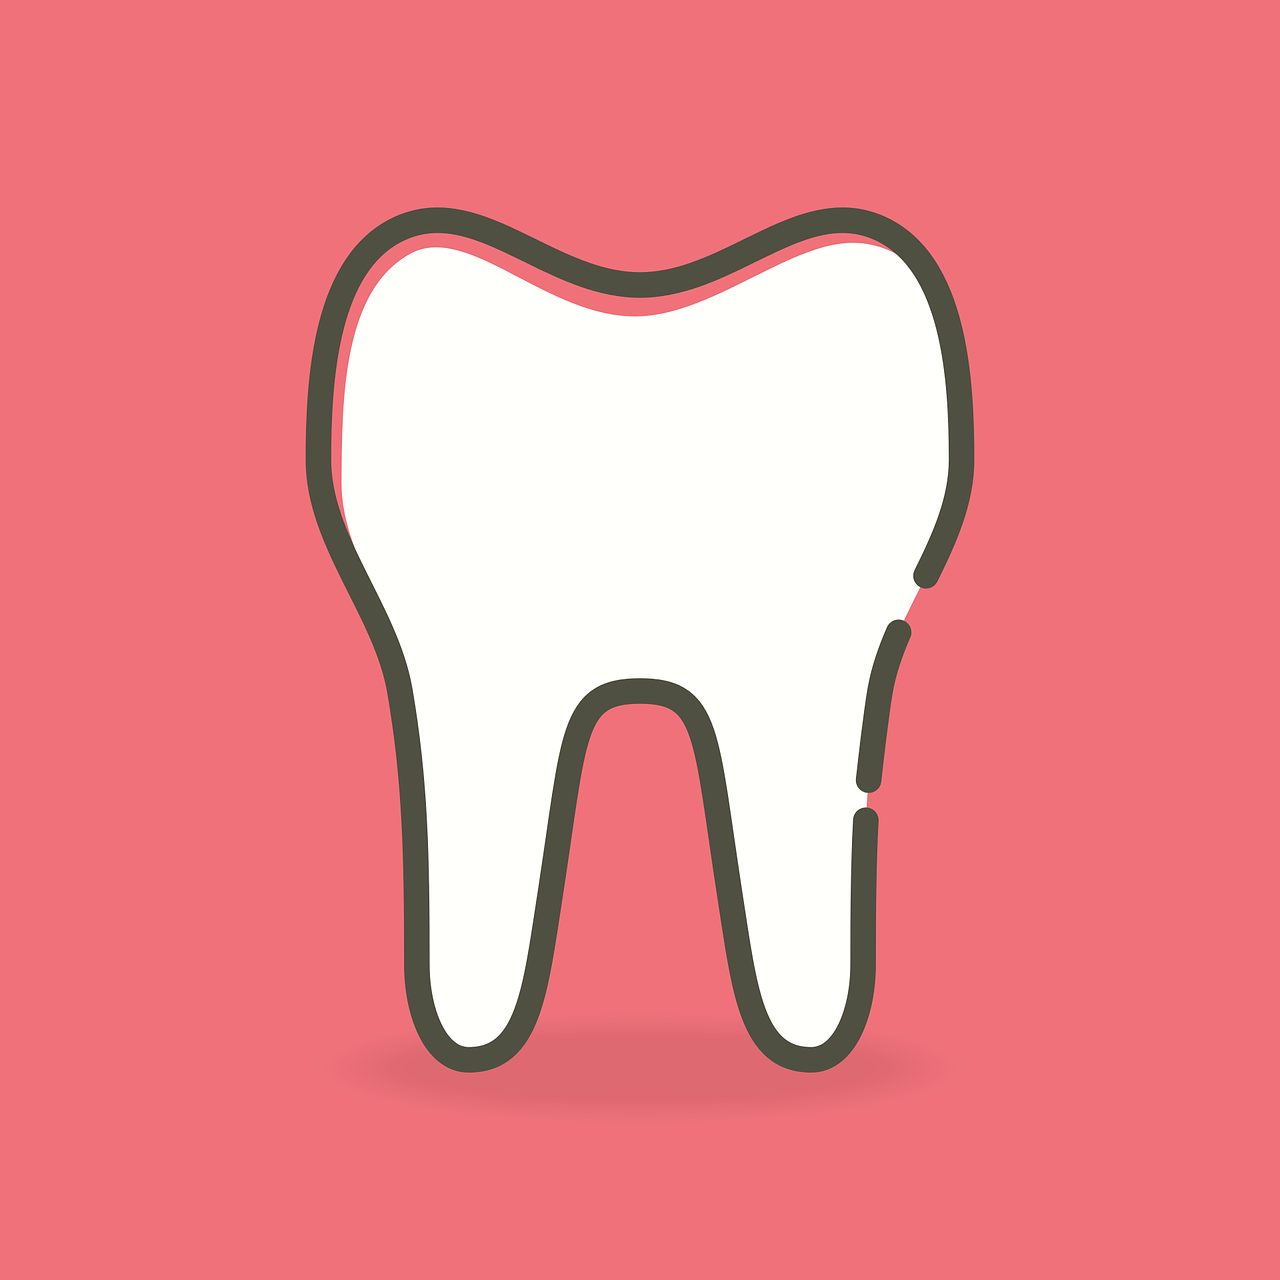 Tandartspraktijk G J van Os spoed tandarts